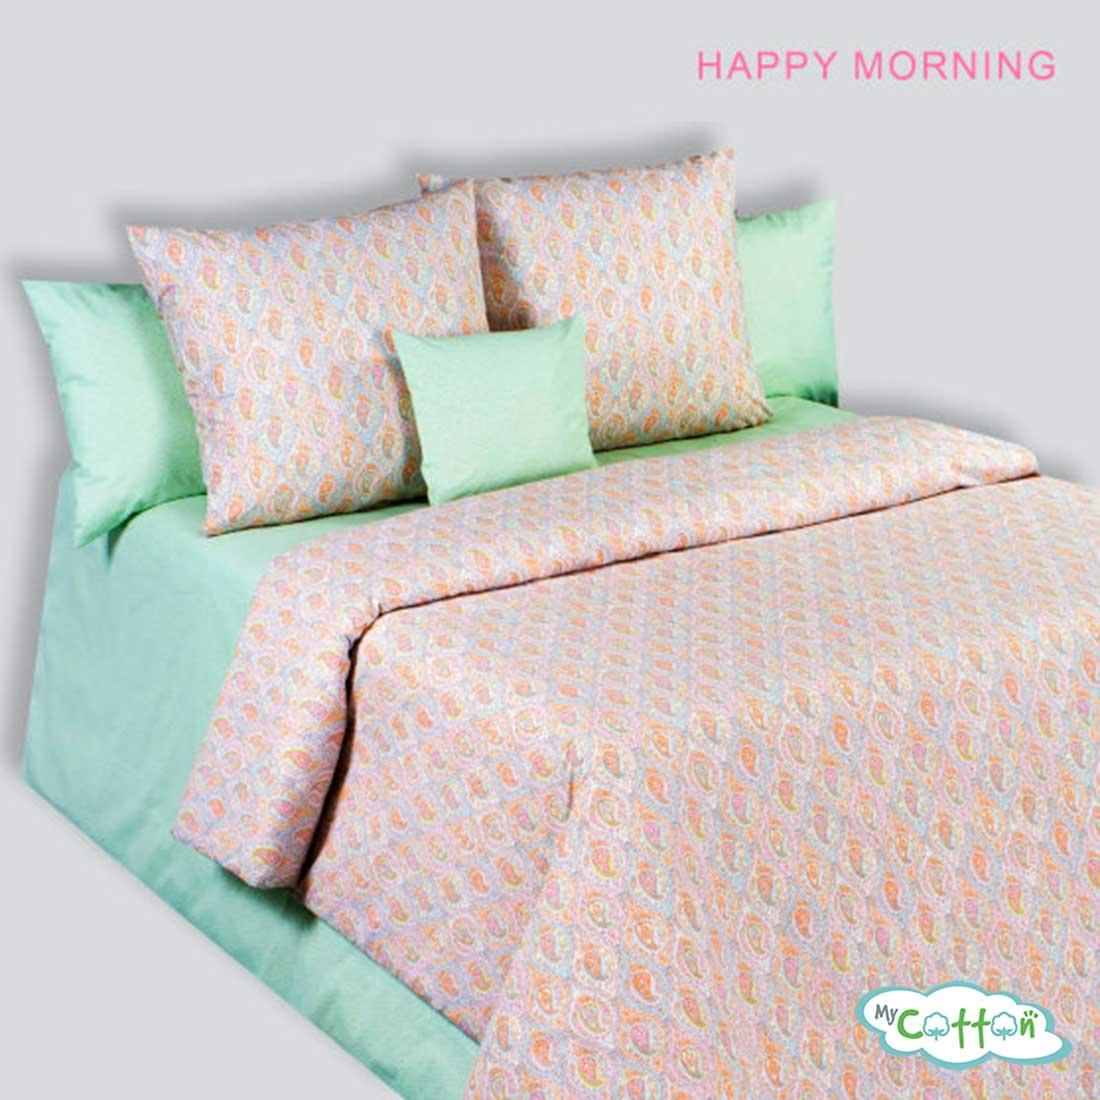 Постельное белье Happy Morning (Счастливое утро) коллекция Audrey Hepbern (Одри Хепберн)